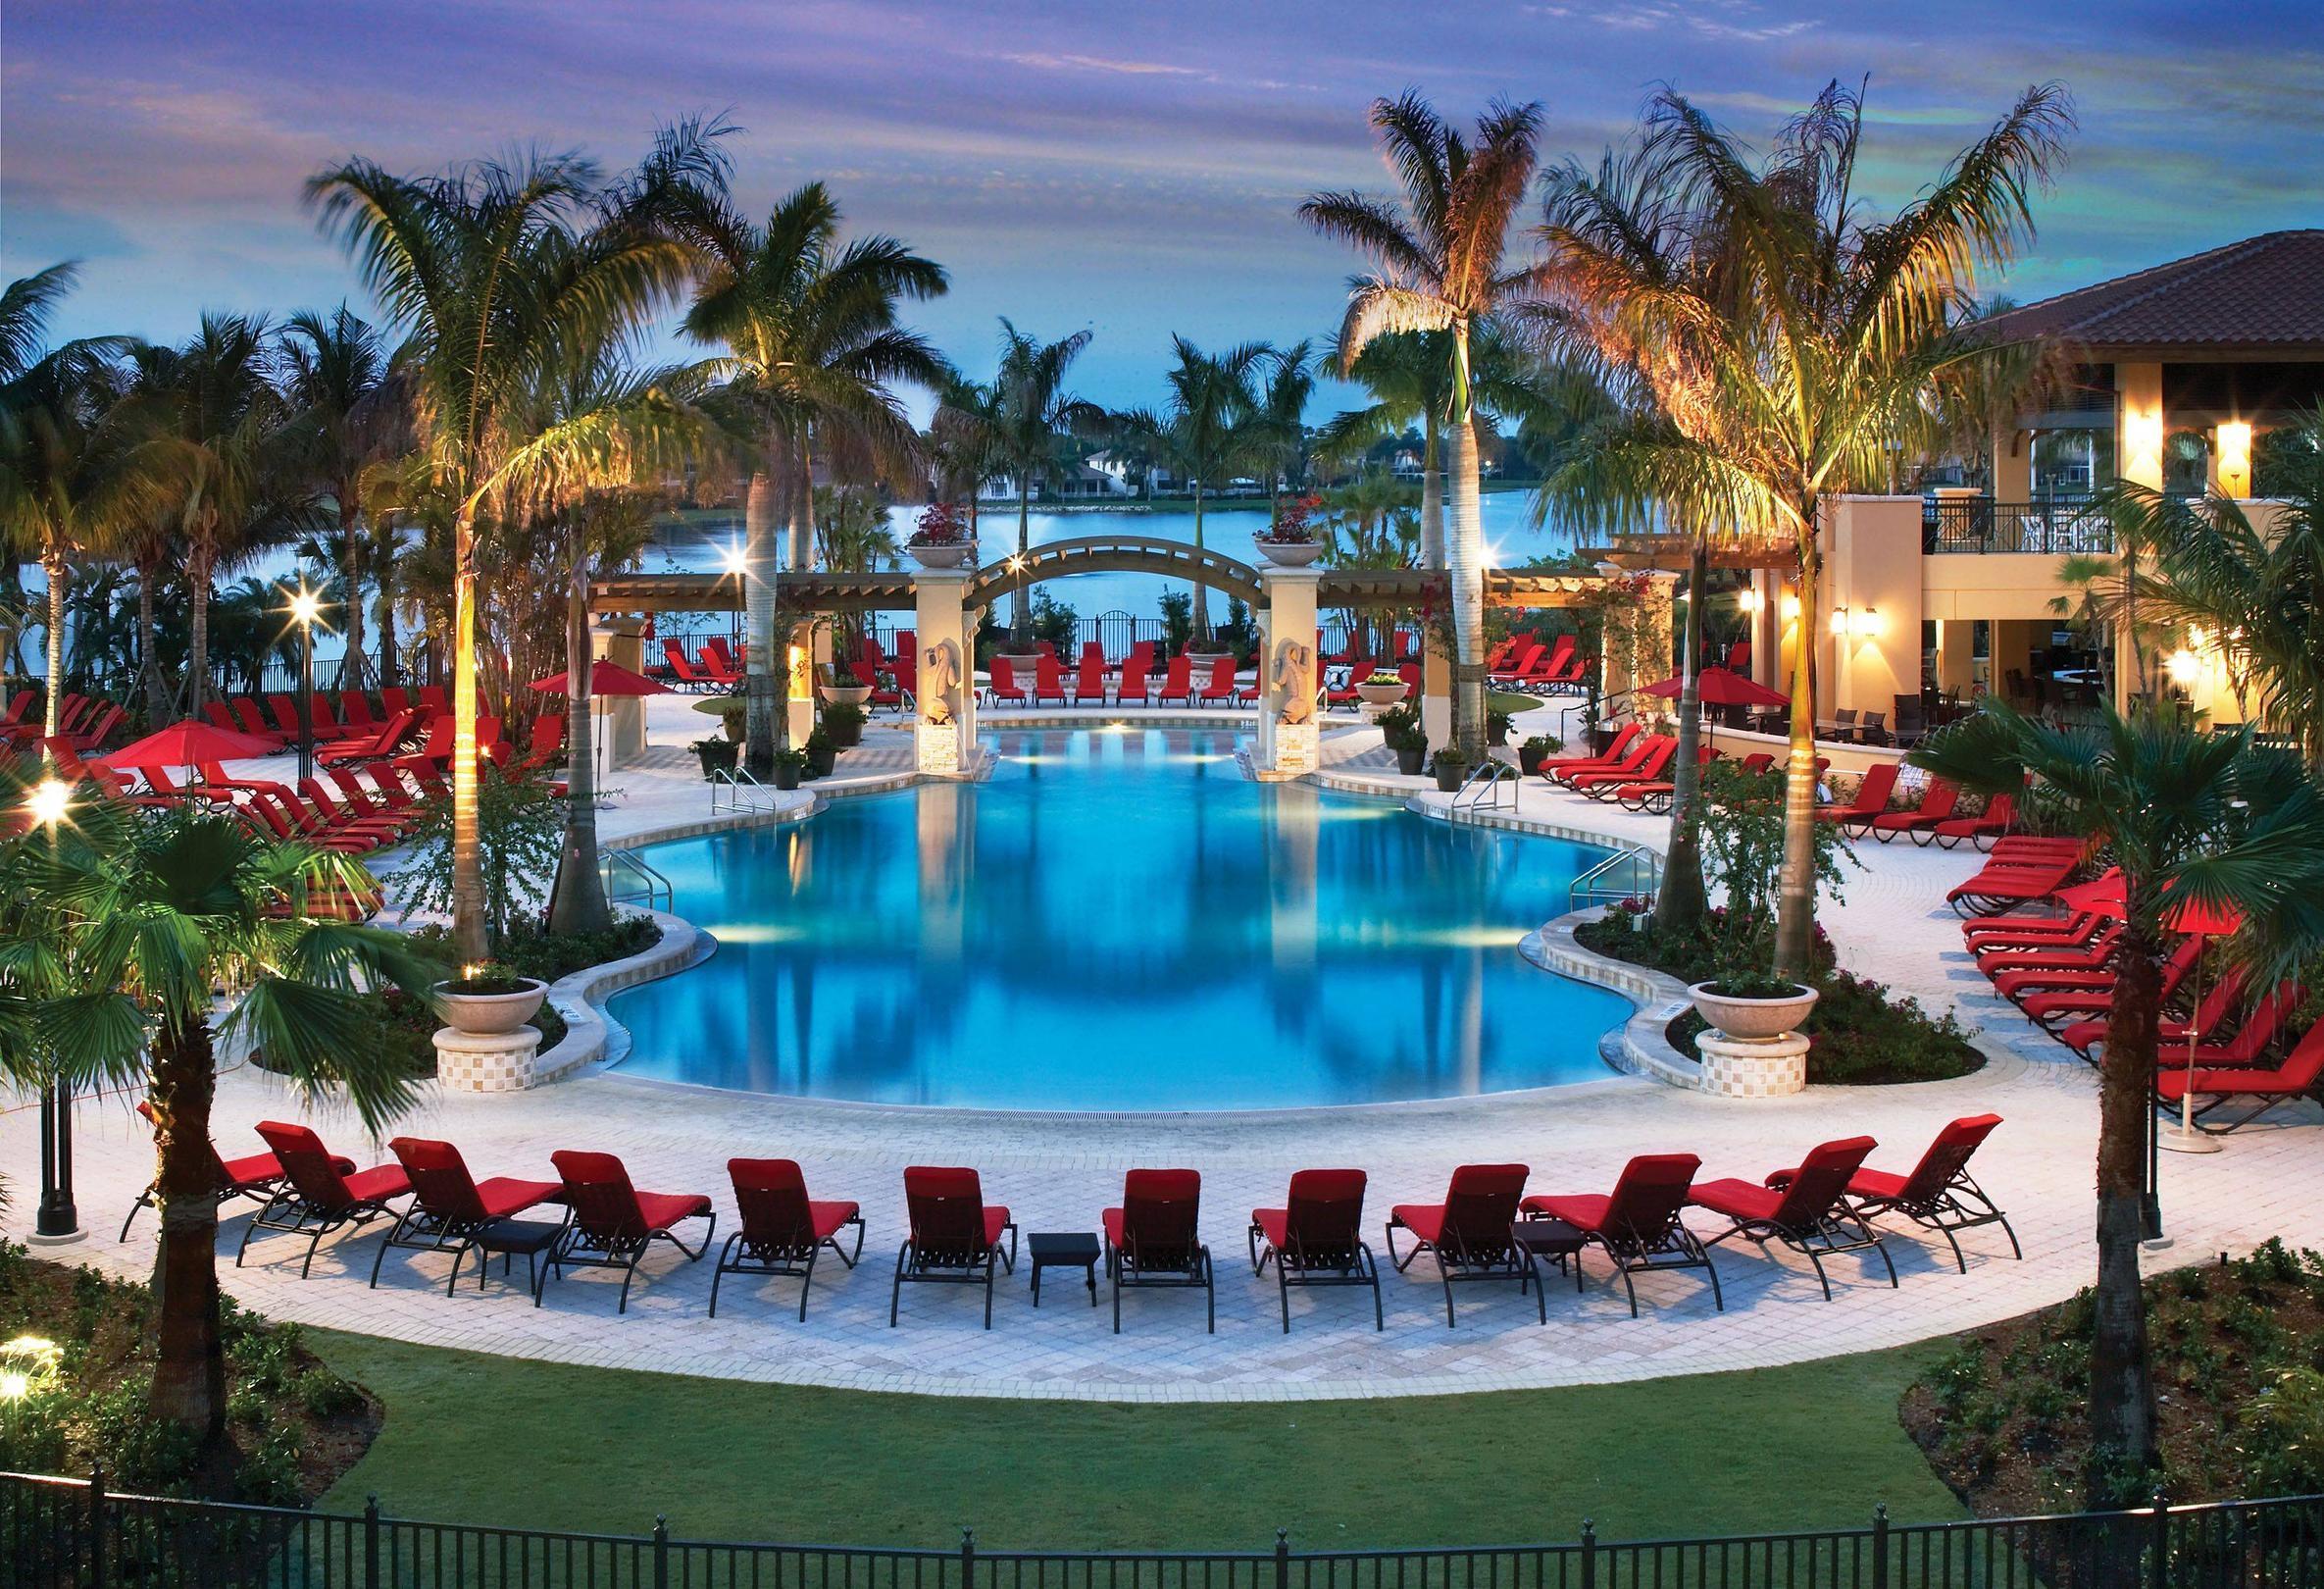 Pool, бассейн, пальмы, лежаки обои скачать